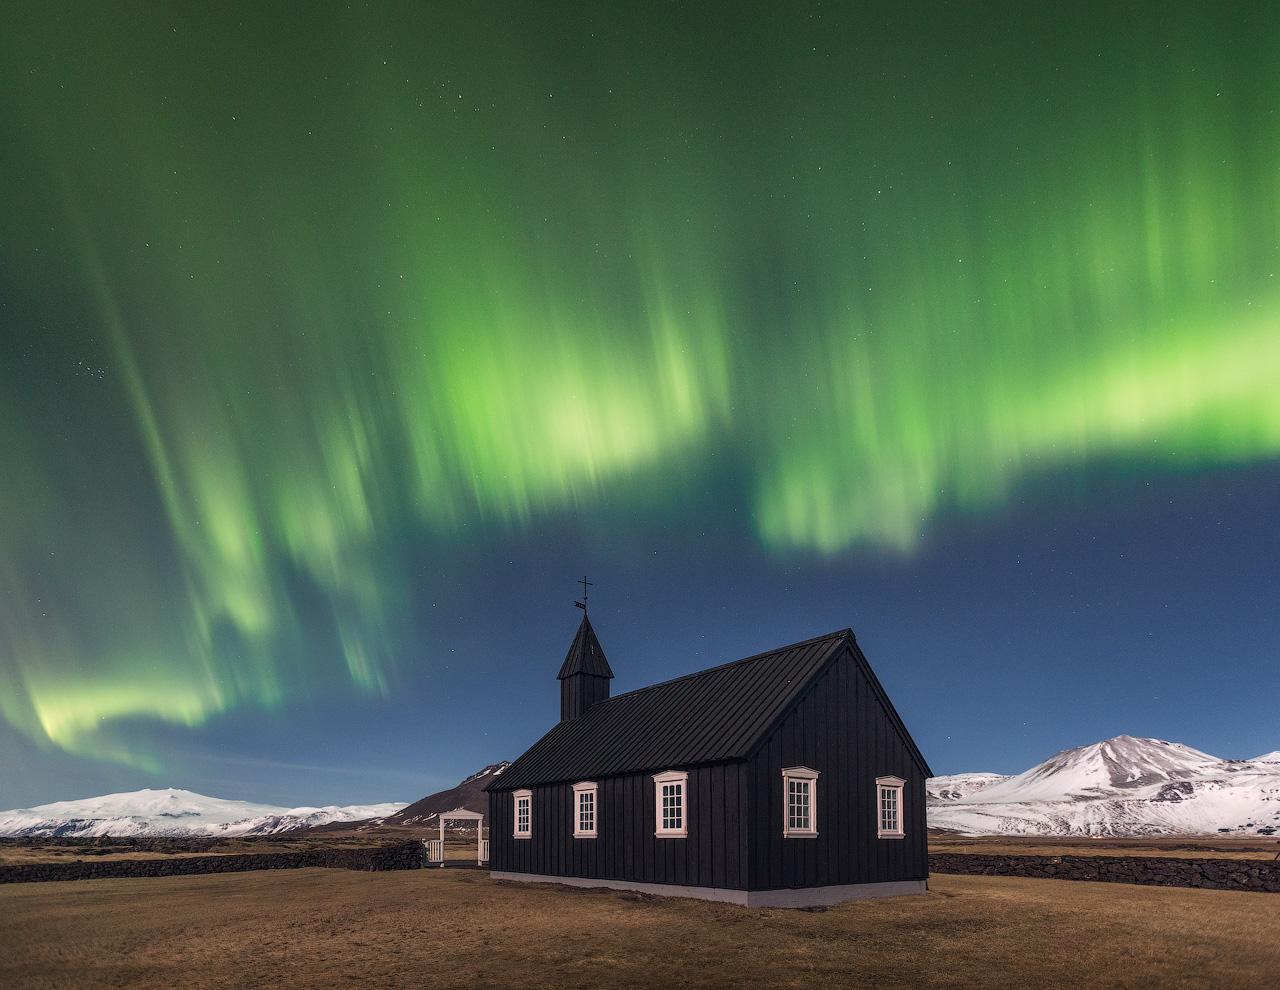 Pendant les mois d'automne en Islande, il est possible de voir les aurores boréales telles qu'elles sont sur cette image